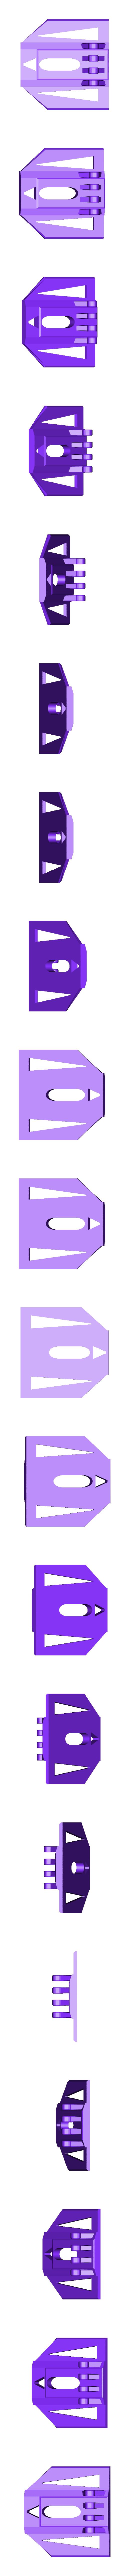 cam_mount.0023_slicr.stl Télécharger fichier STL gratuit Support pour trépied de caméra de bureau pour bicyclette • Plan à imprimer en 3D, noctaro